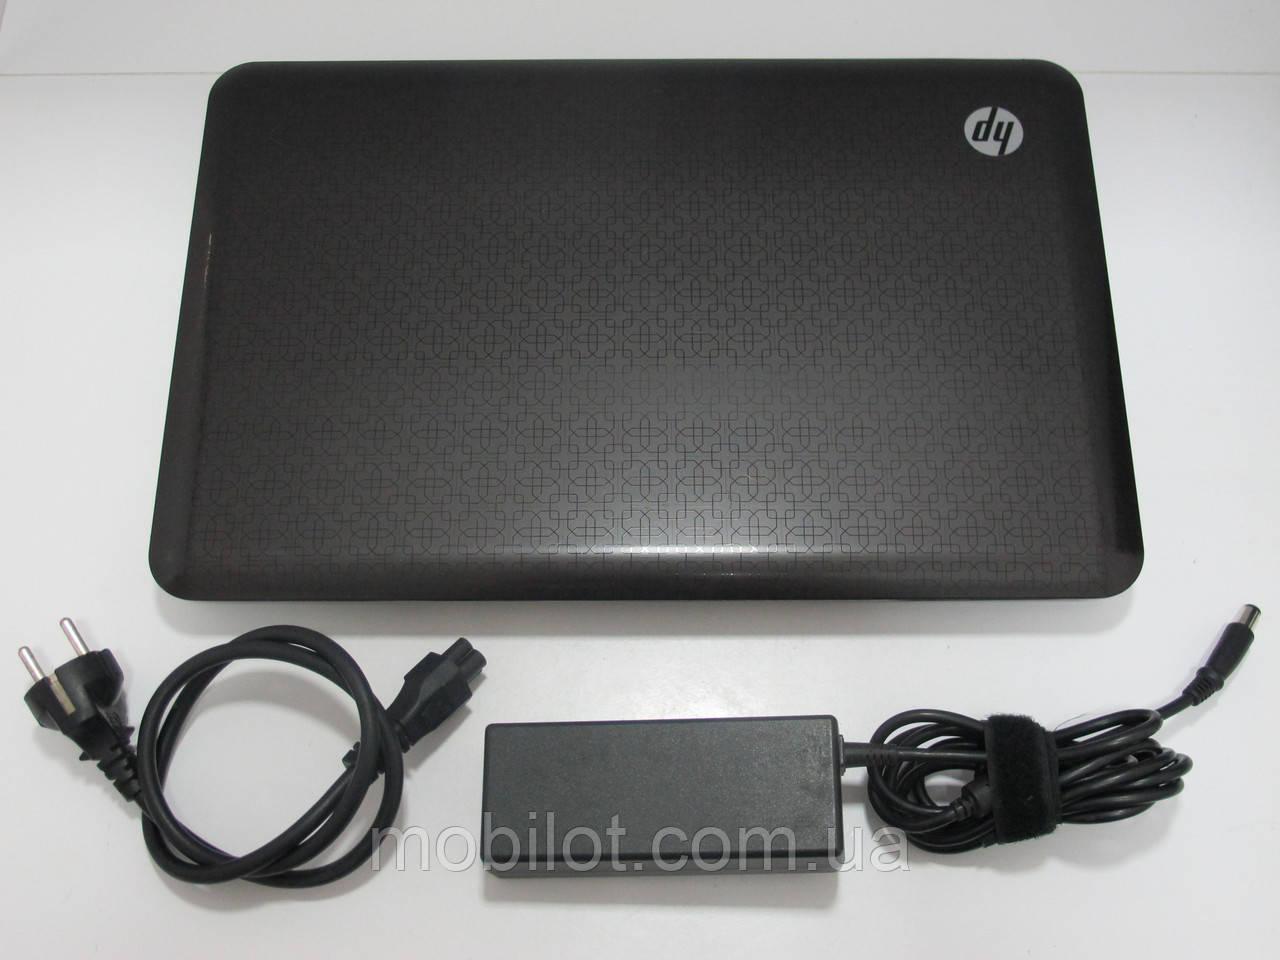 Ноутбук HP Pavilion DV6-3172sr (NR-6283)